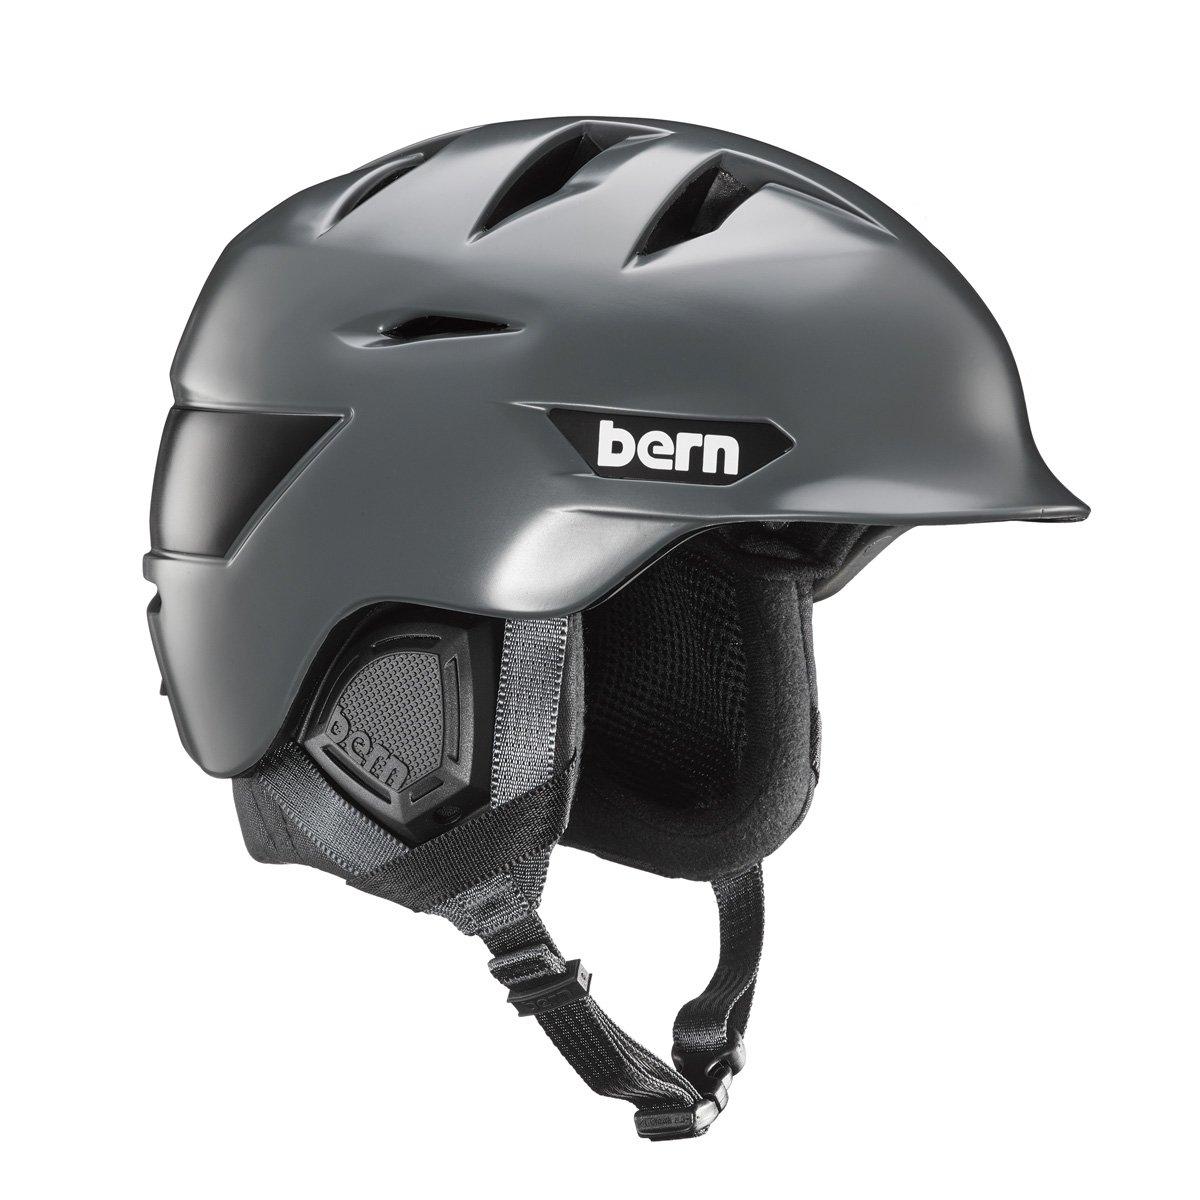 Bernヘルメット – BernヘルメットRollins – マットブラック B073SK8SH5  Satin Grey/Black Liner Medium